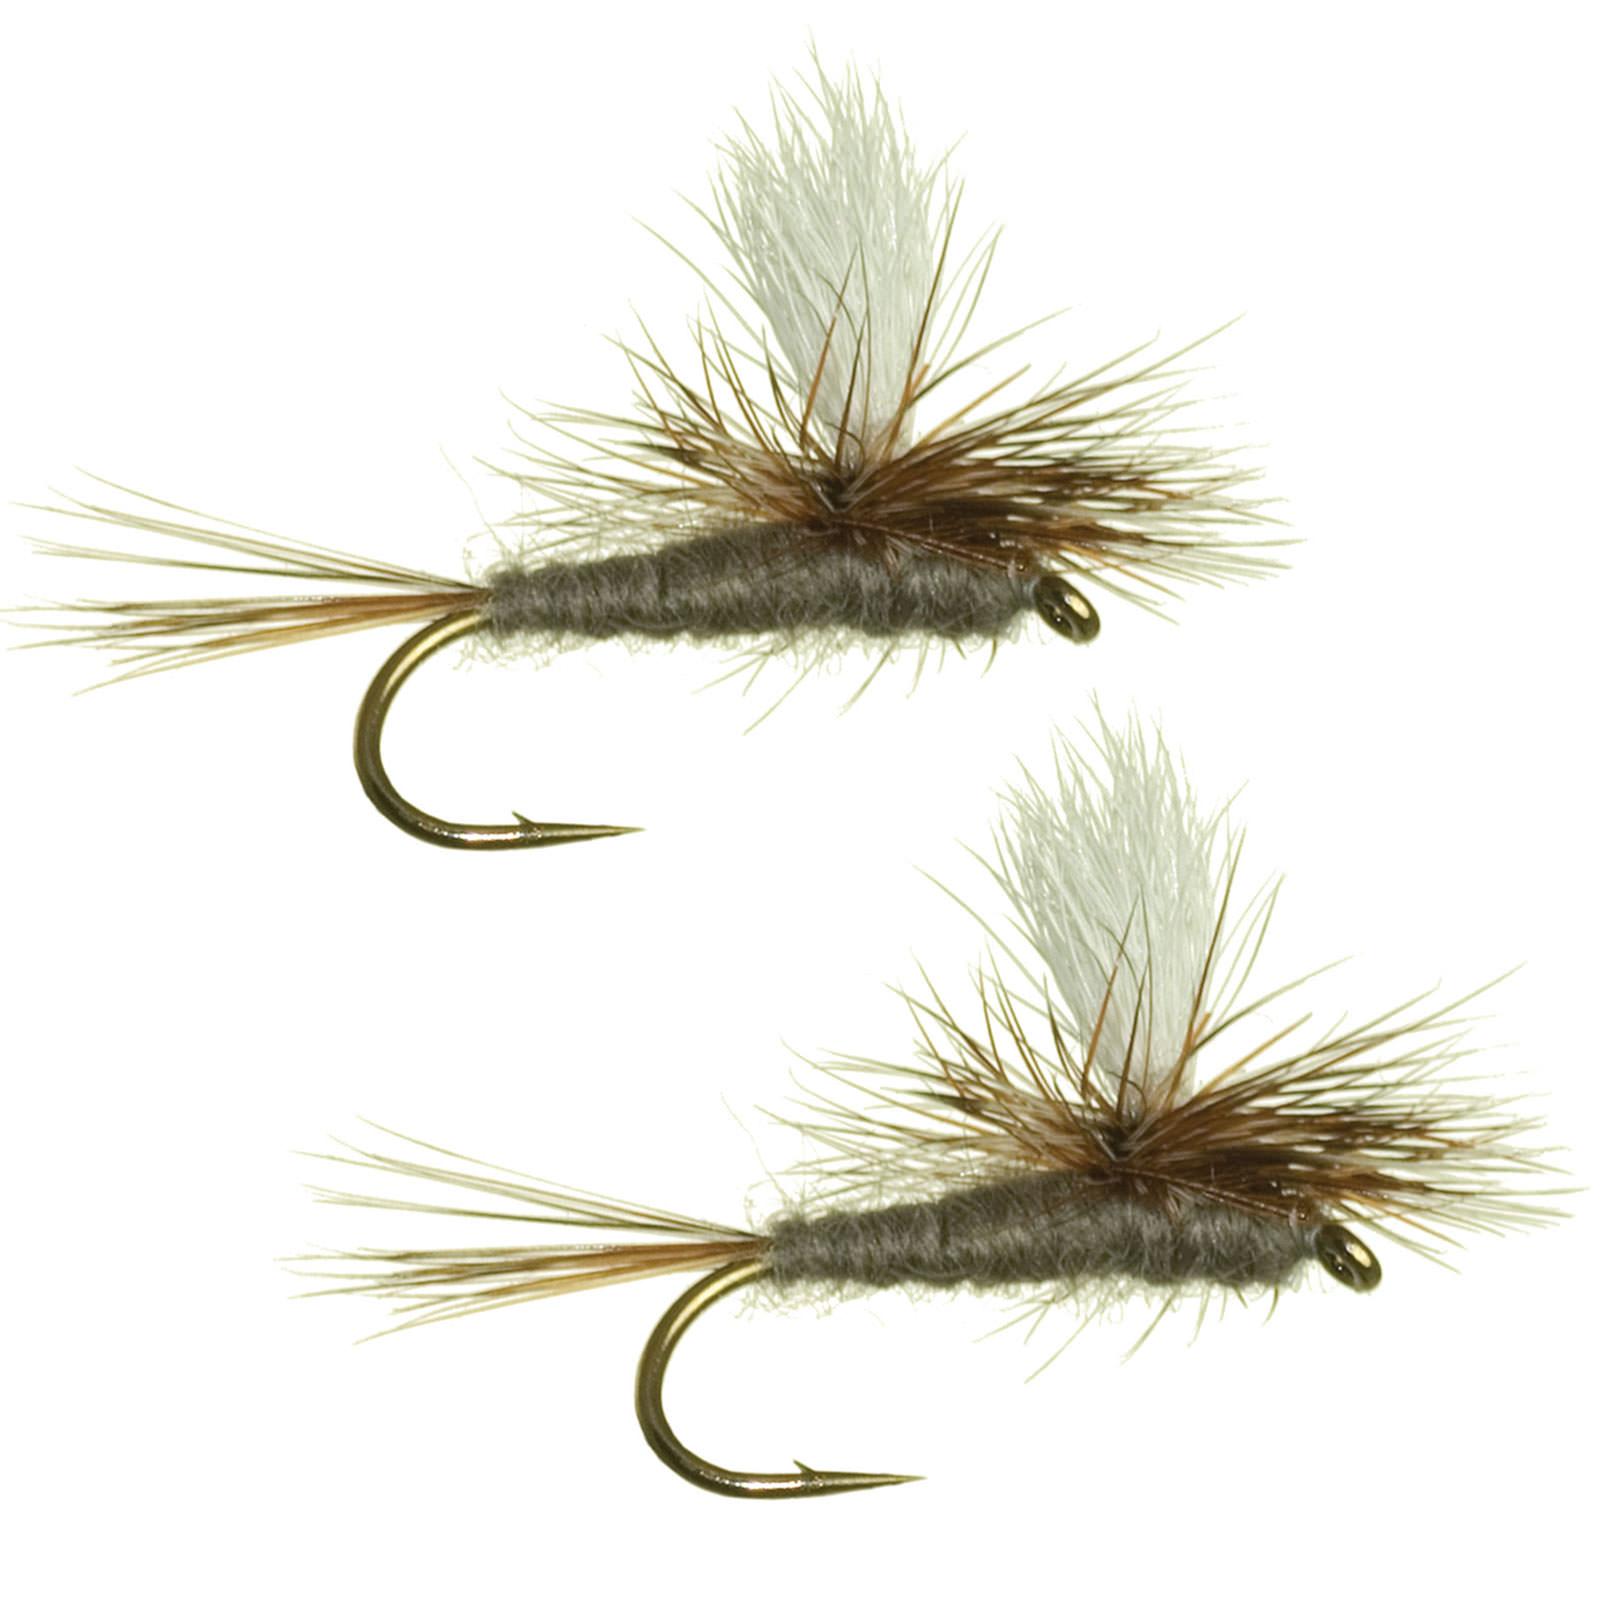 Umpqua parachute adams fly fishing dry flies multi packs for Ebay fly fishing